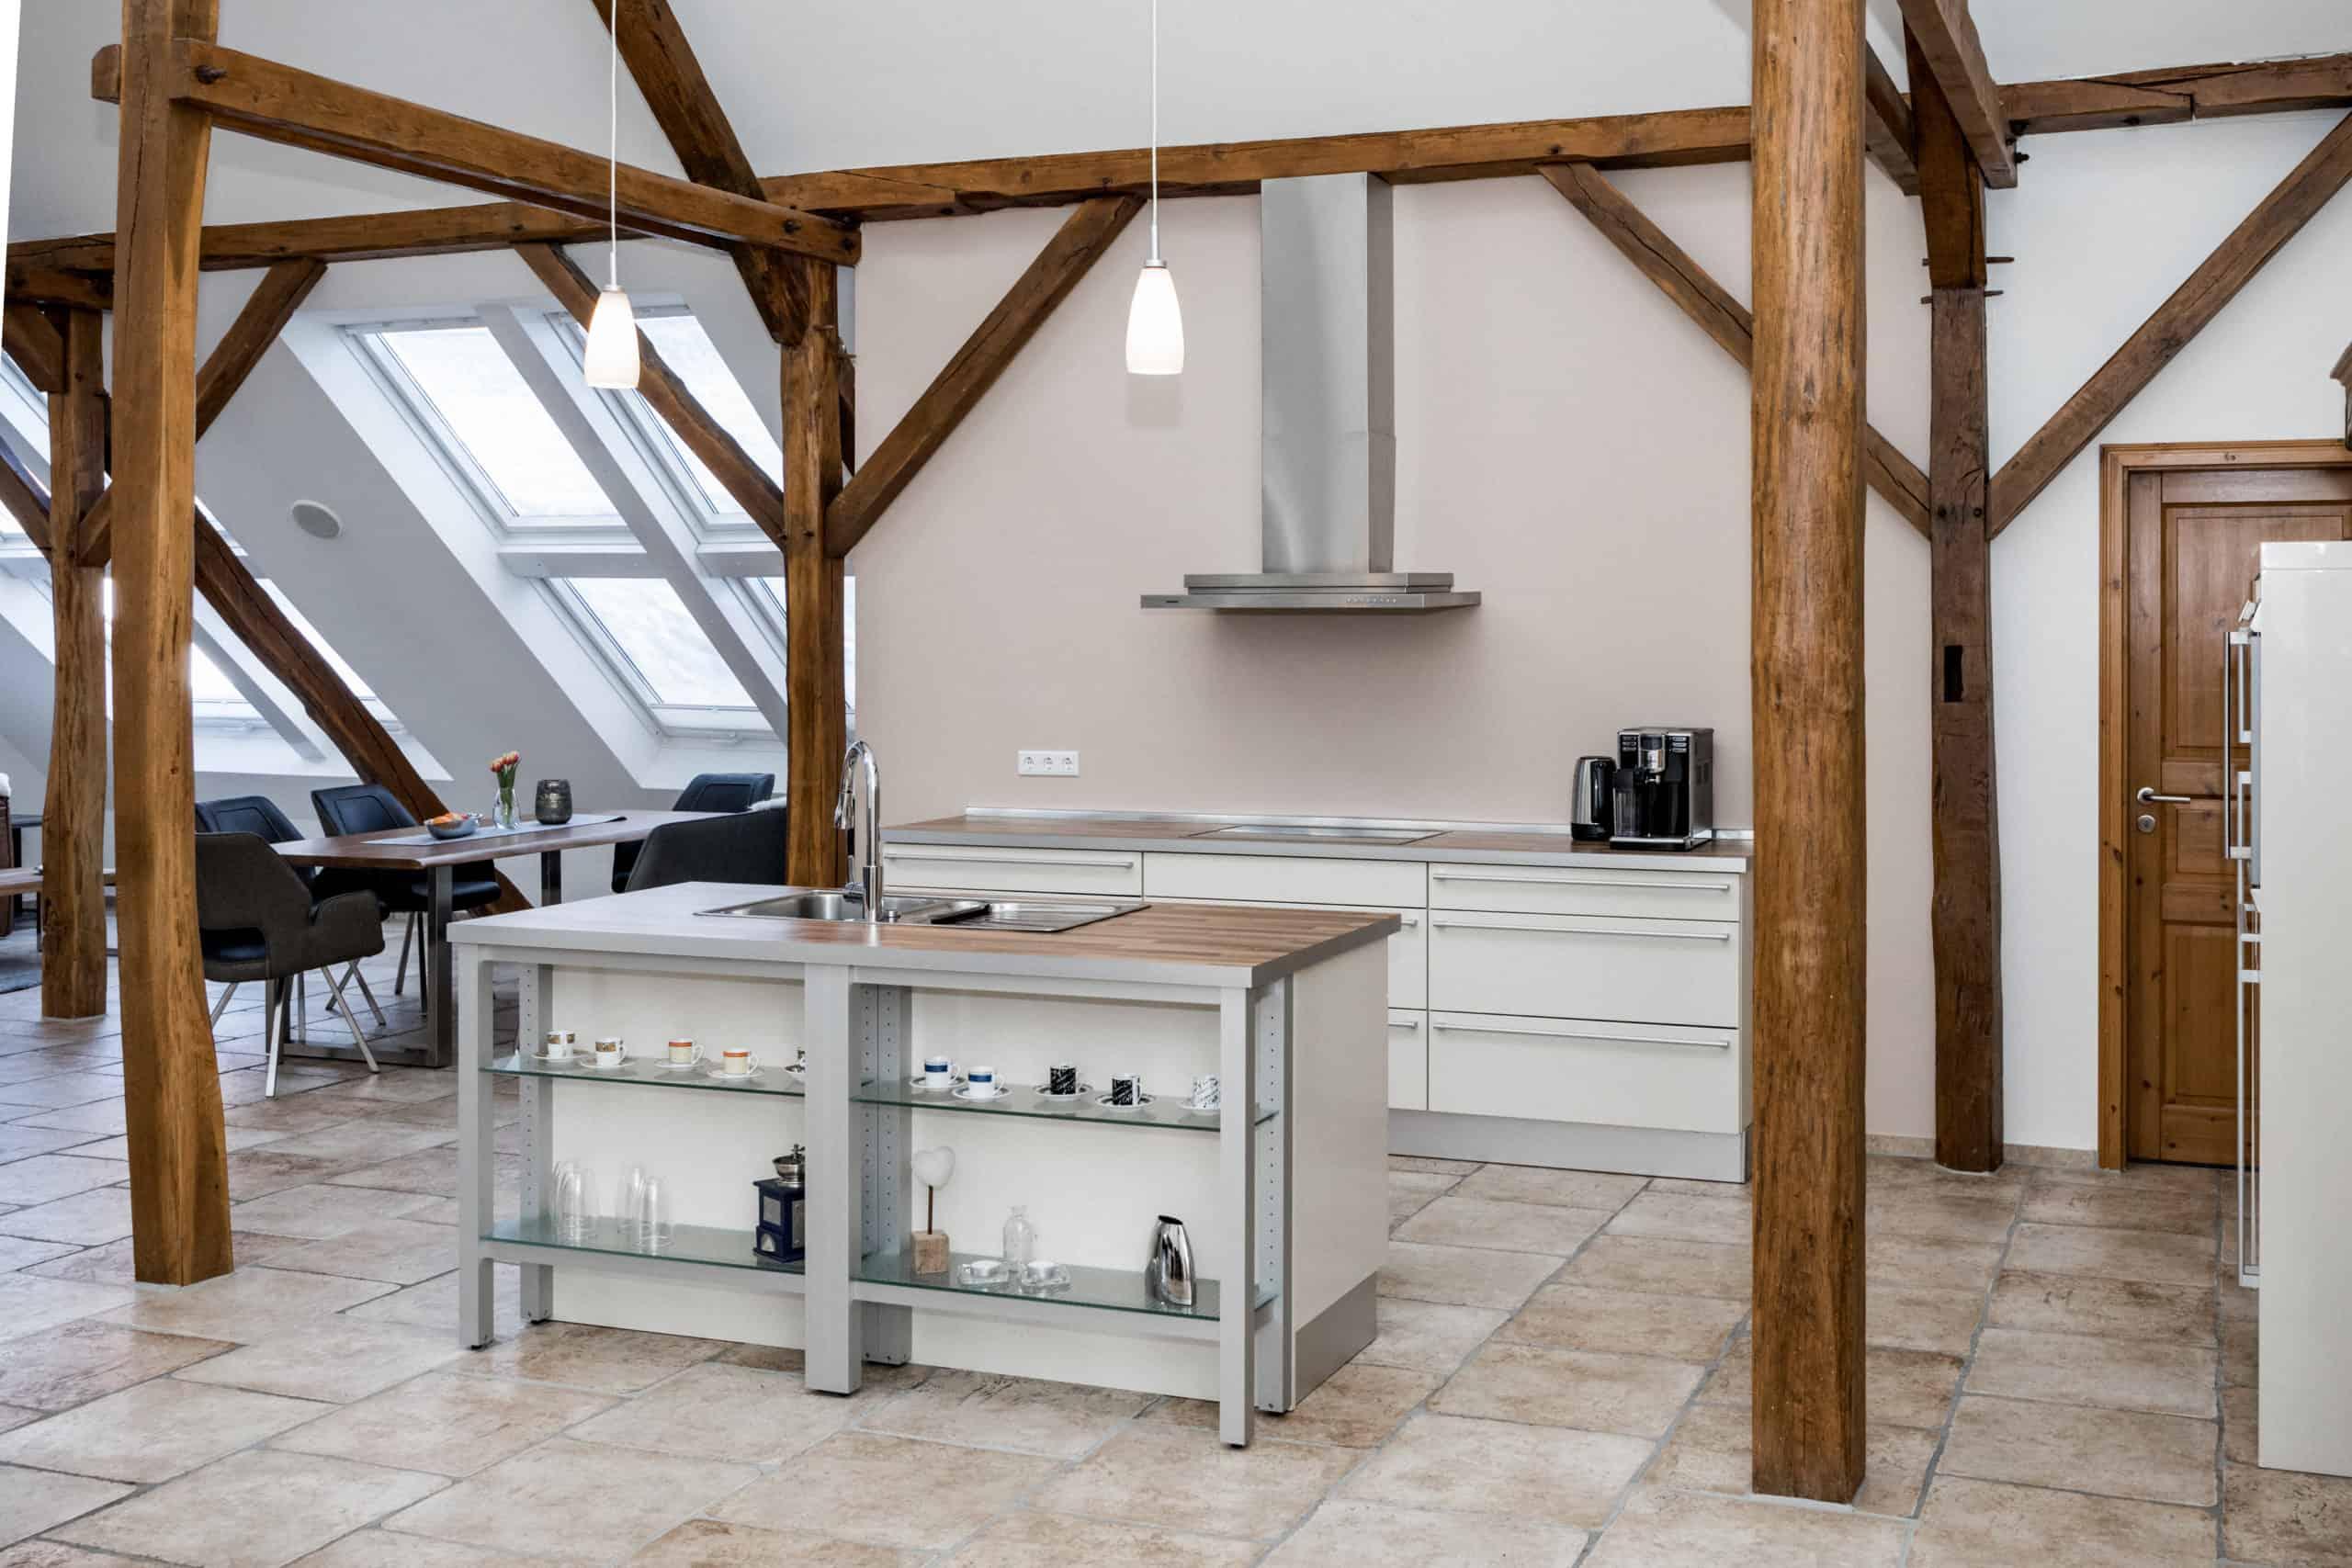 Loft: Blick in die Küche